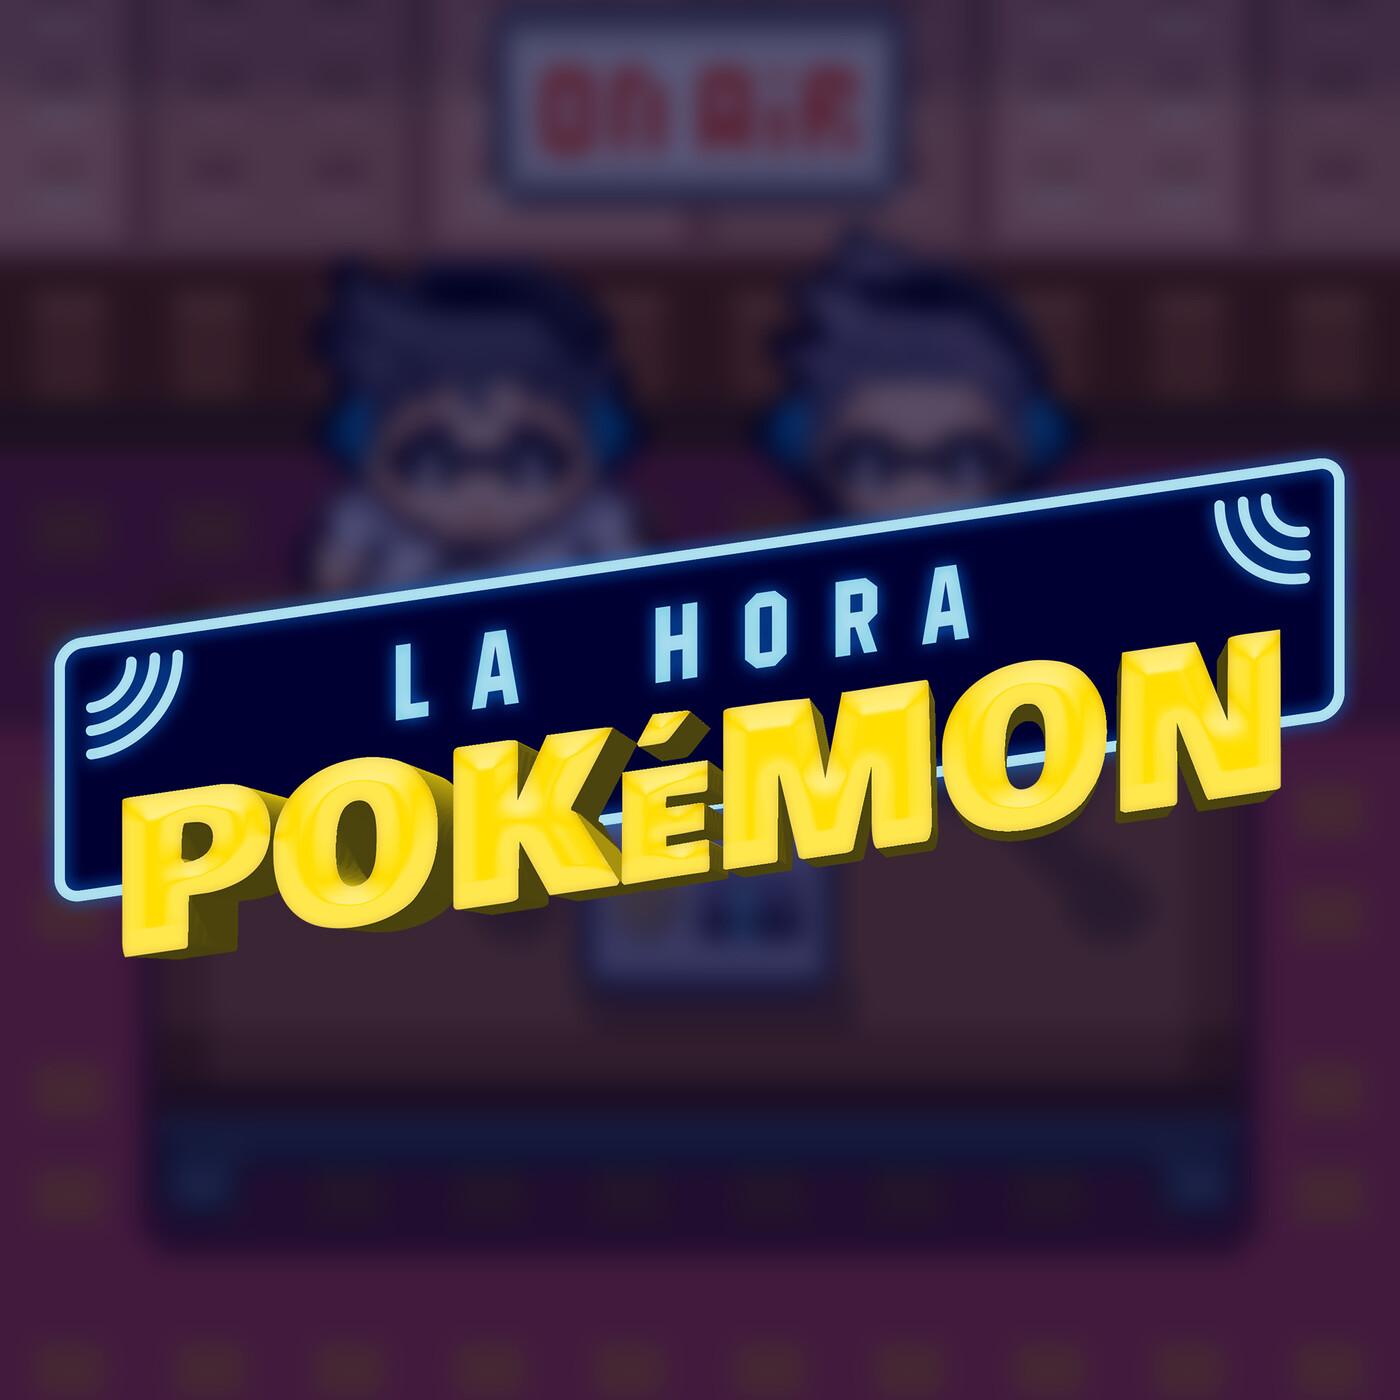 La Hora Pokémon Podcast 3x06 - Victormame y su concierto de Pokémon